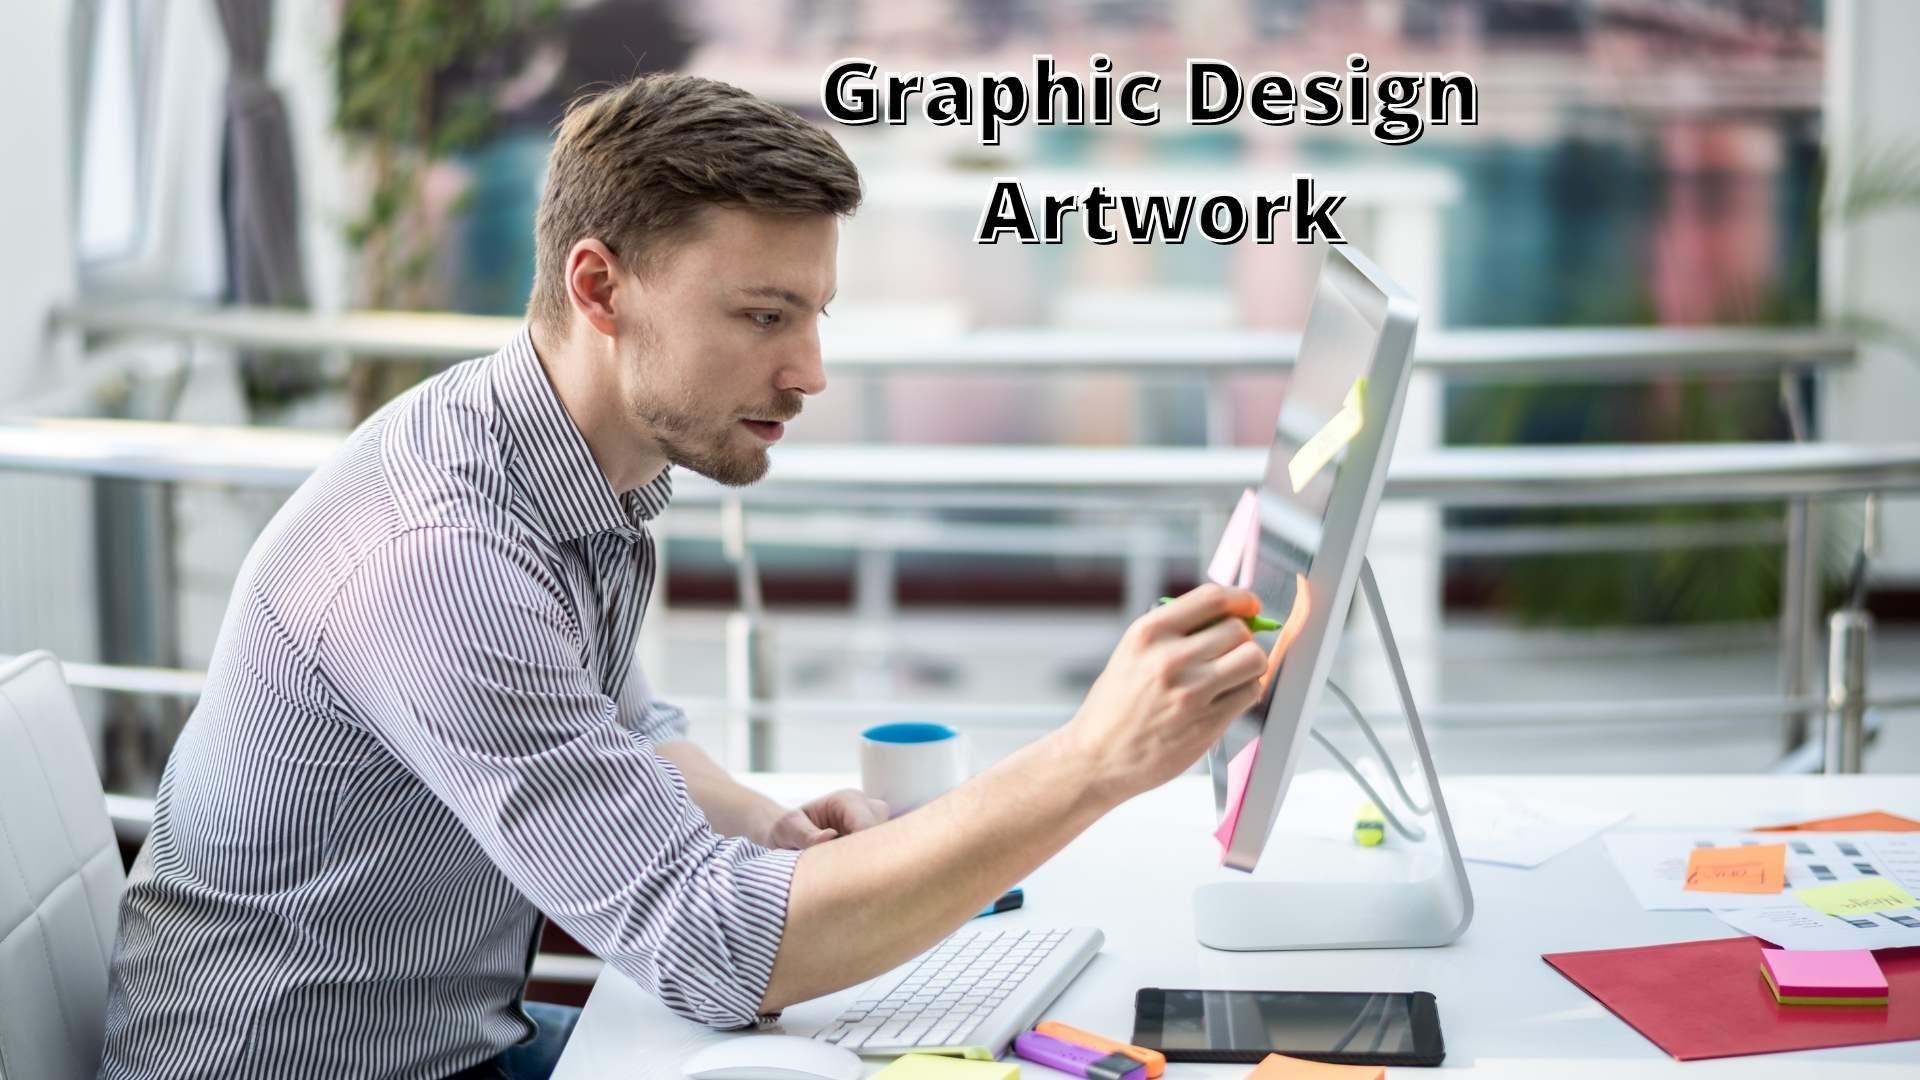 Graphic Design Artwork - A Modern Approach 41